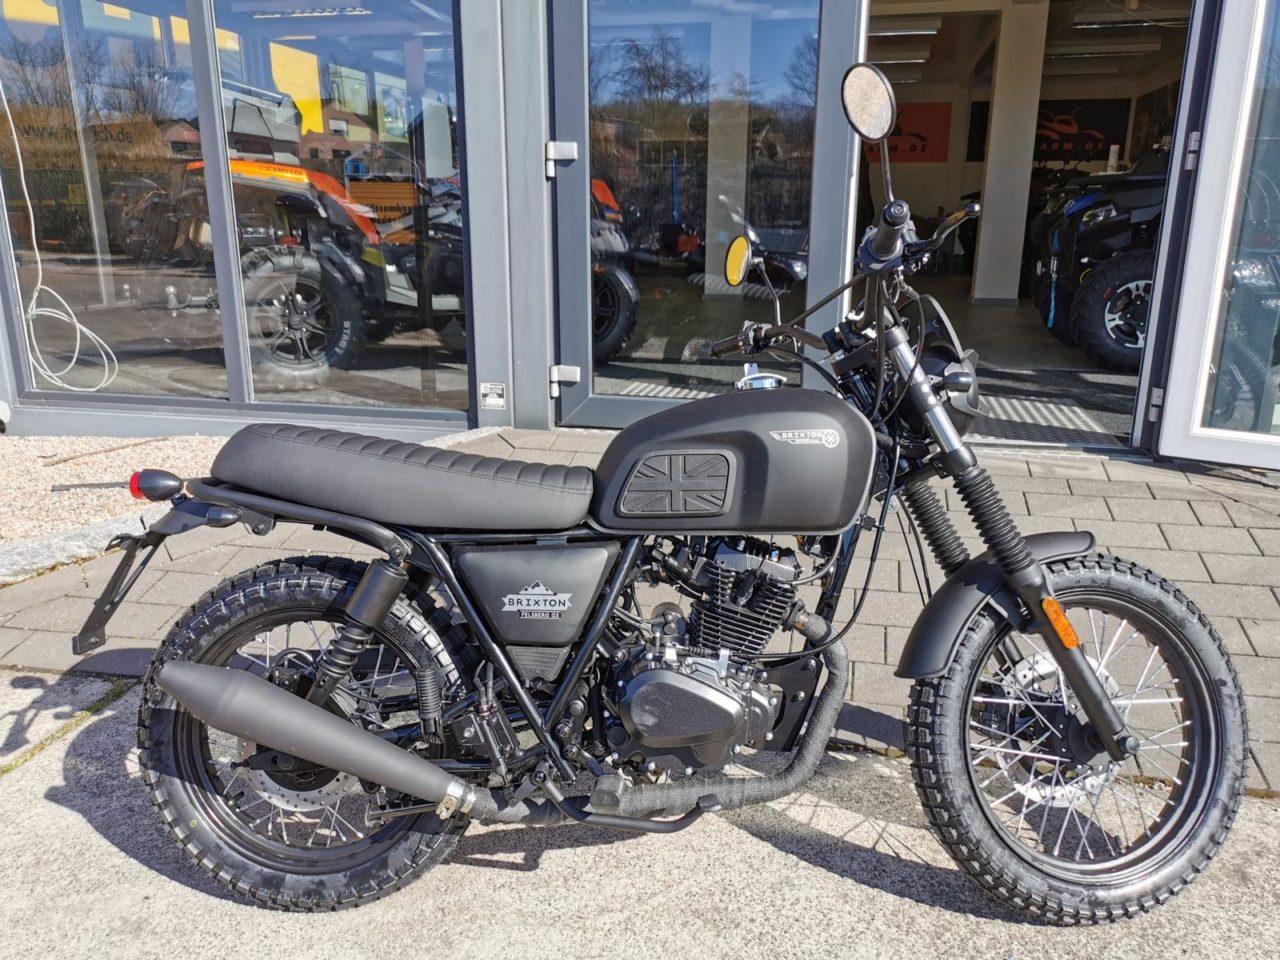 Motorrad Brixton Felsberg 125 Modell 2021, ABS u. Euro 5